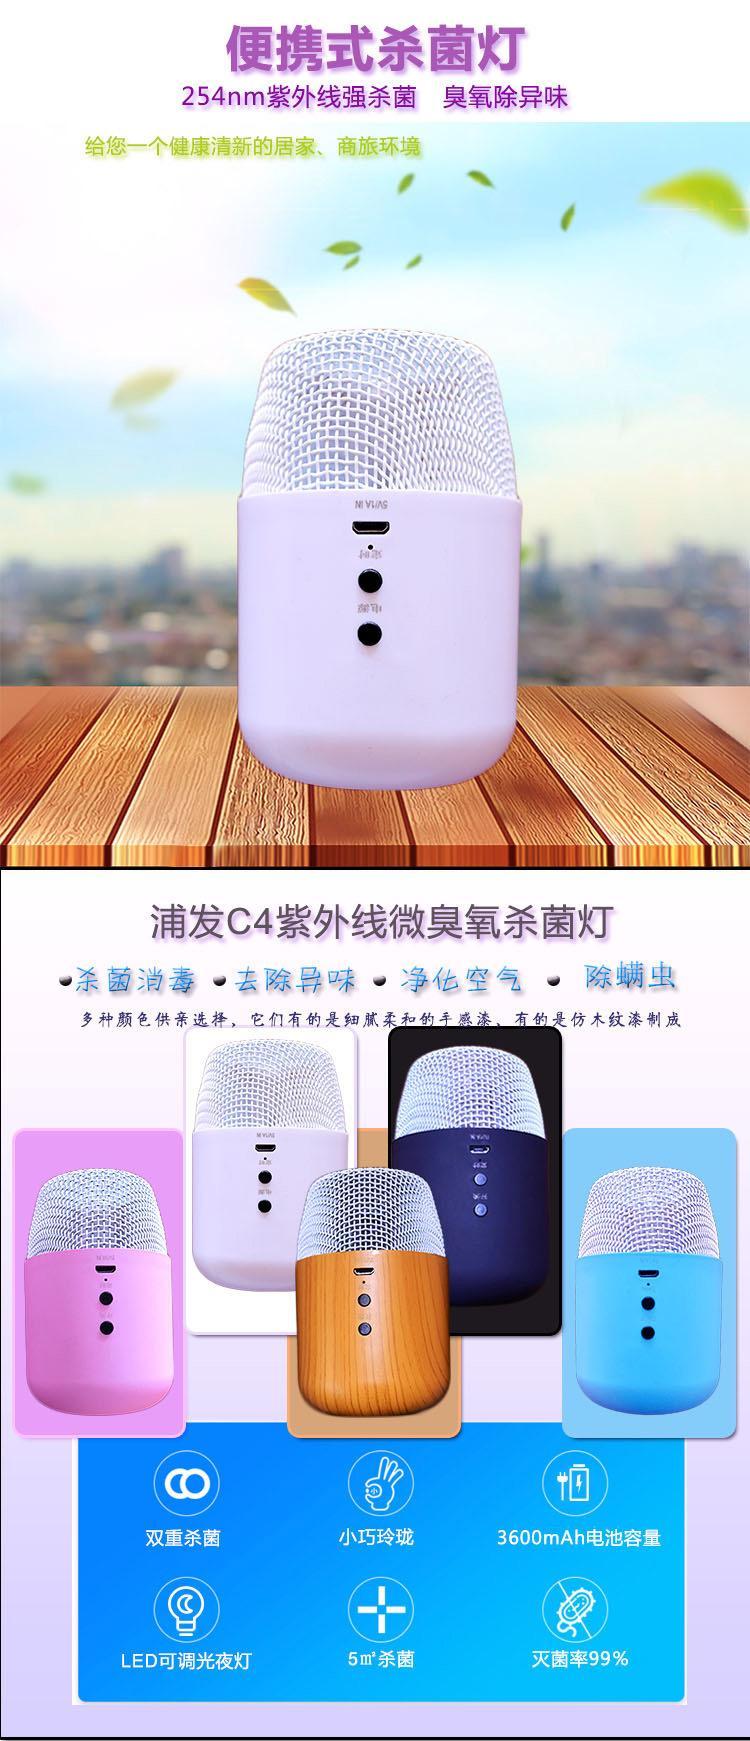 無線遙控居家冰箱汽車用小面積臭氧除臭紫外線滅菌燈 13